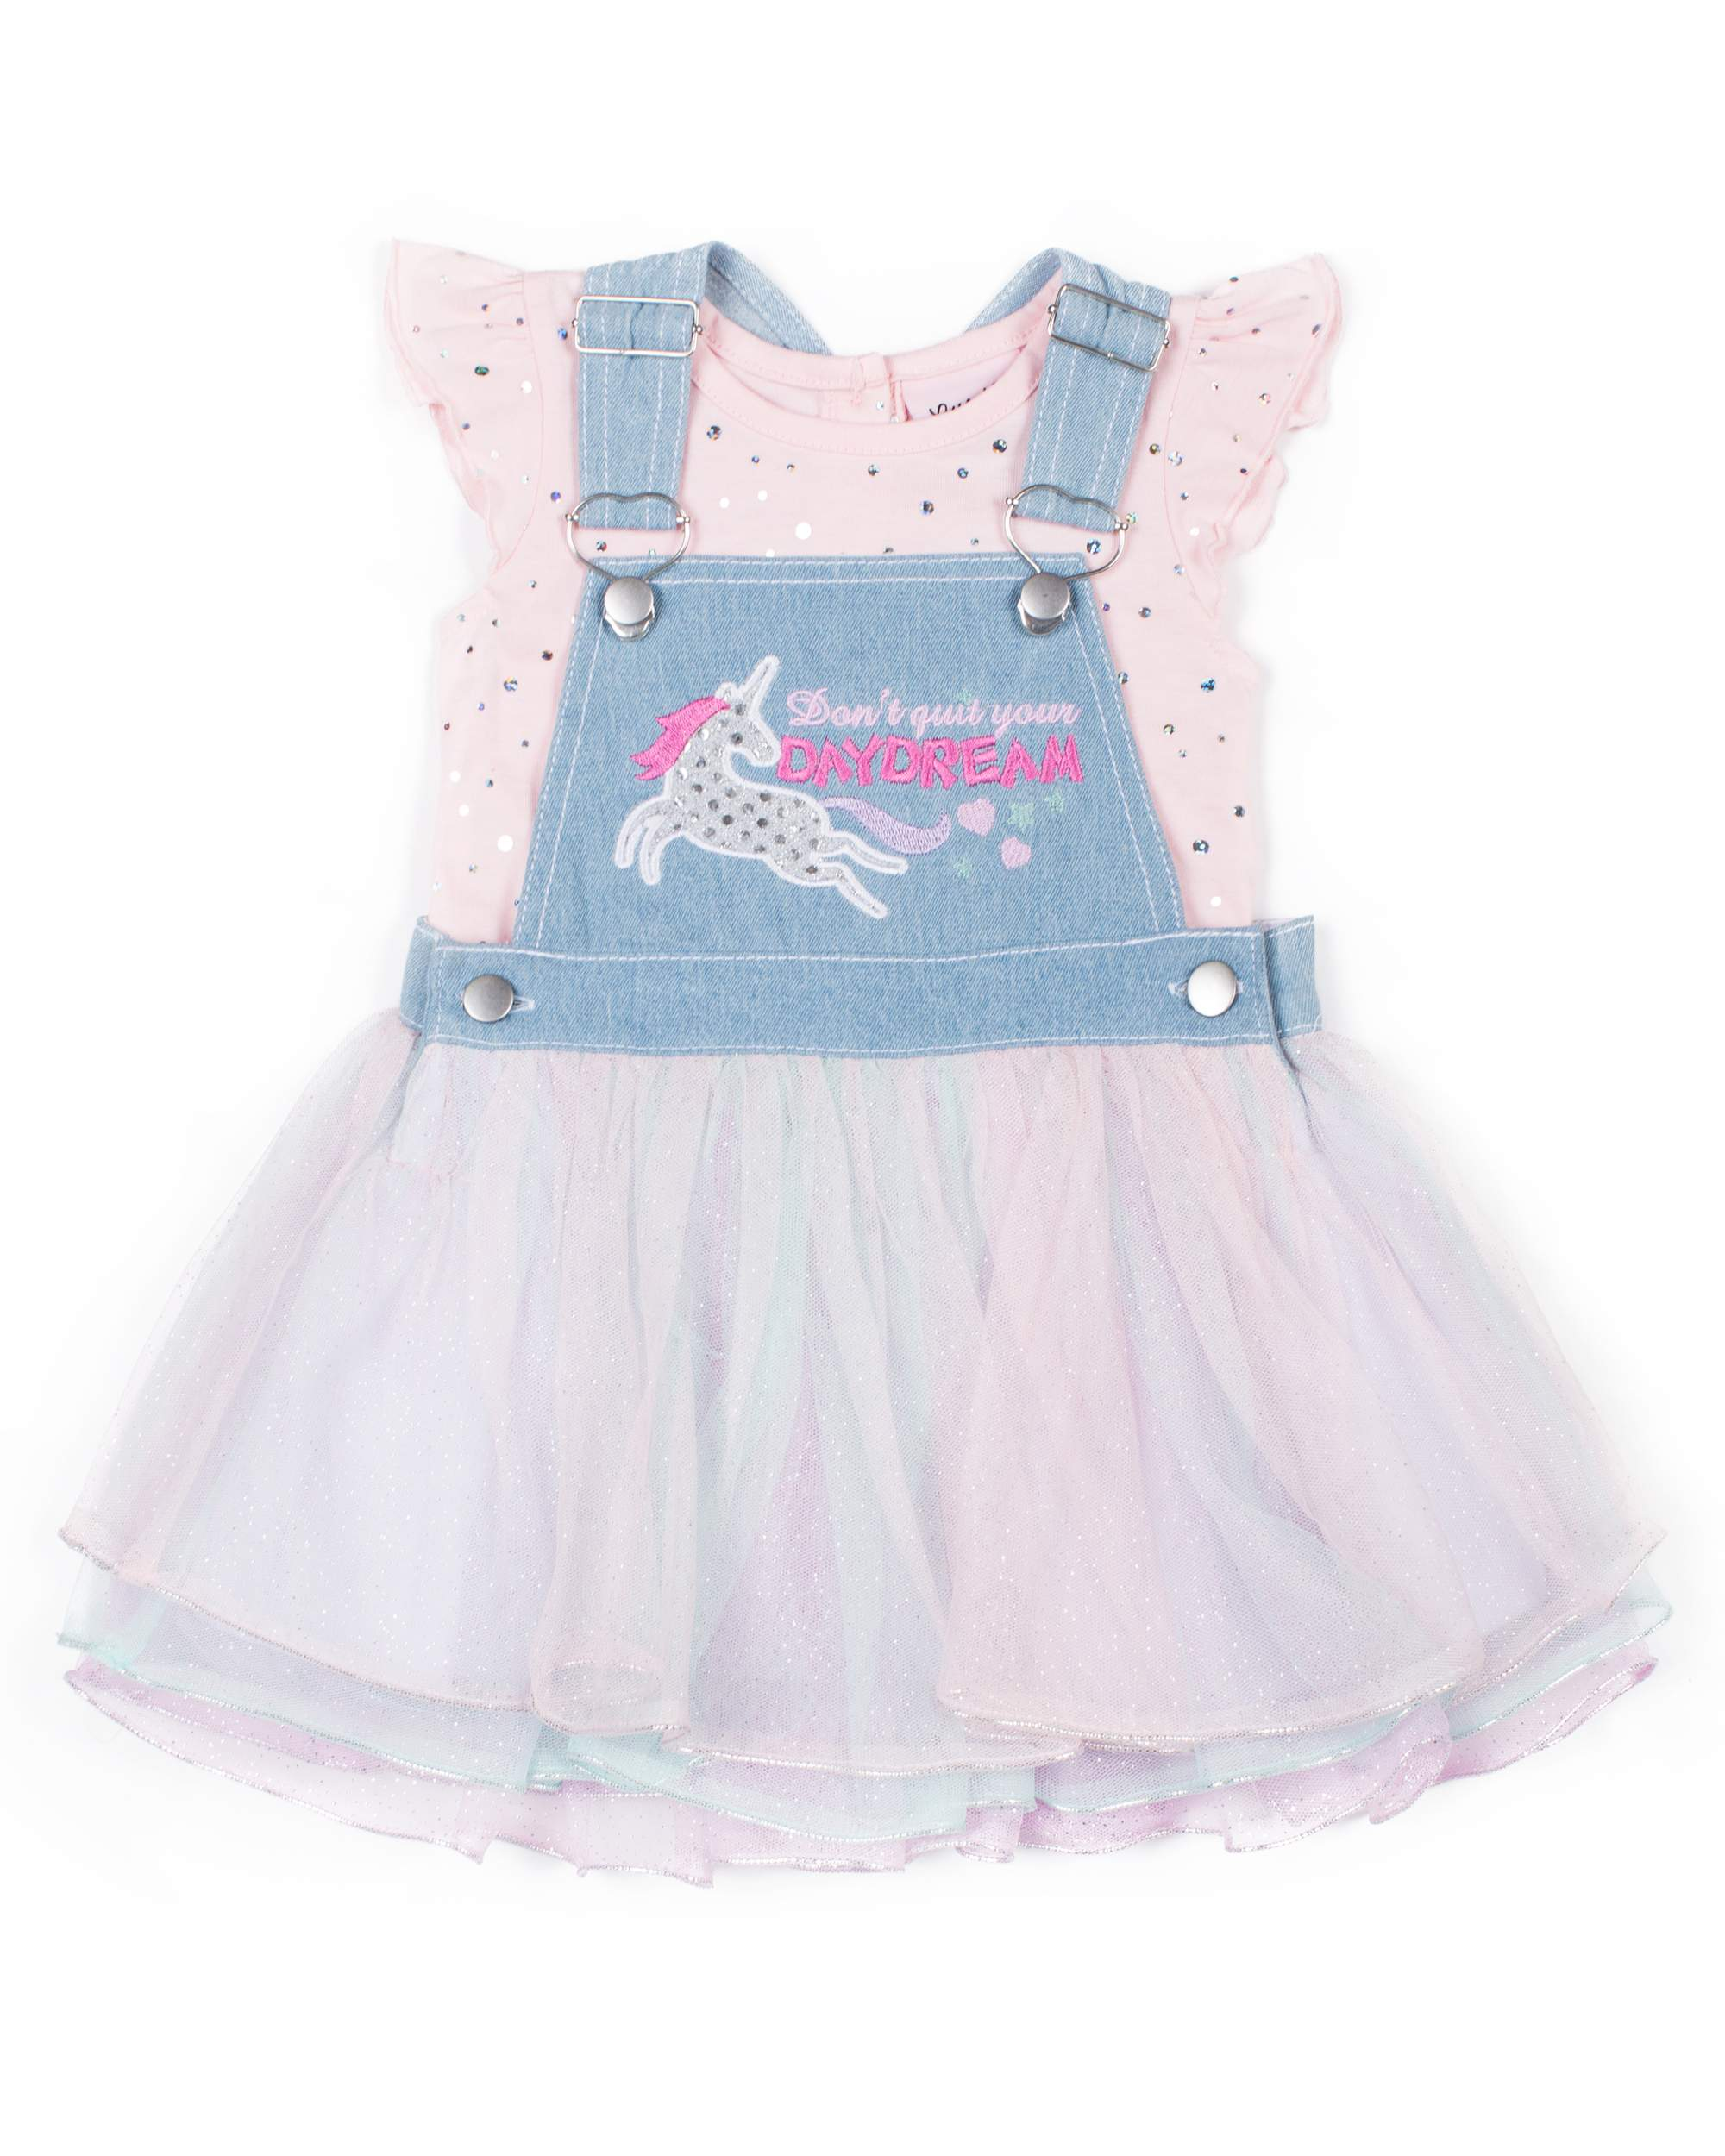 Short Sleeve Polka Dot T-shirt & Glitter Tulle Denim Skirtall, 2pc Outfit Set (Baby Girls & Toddler Girls)